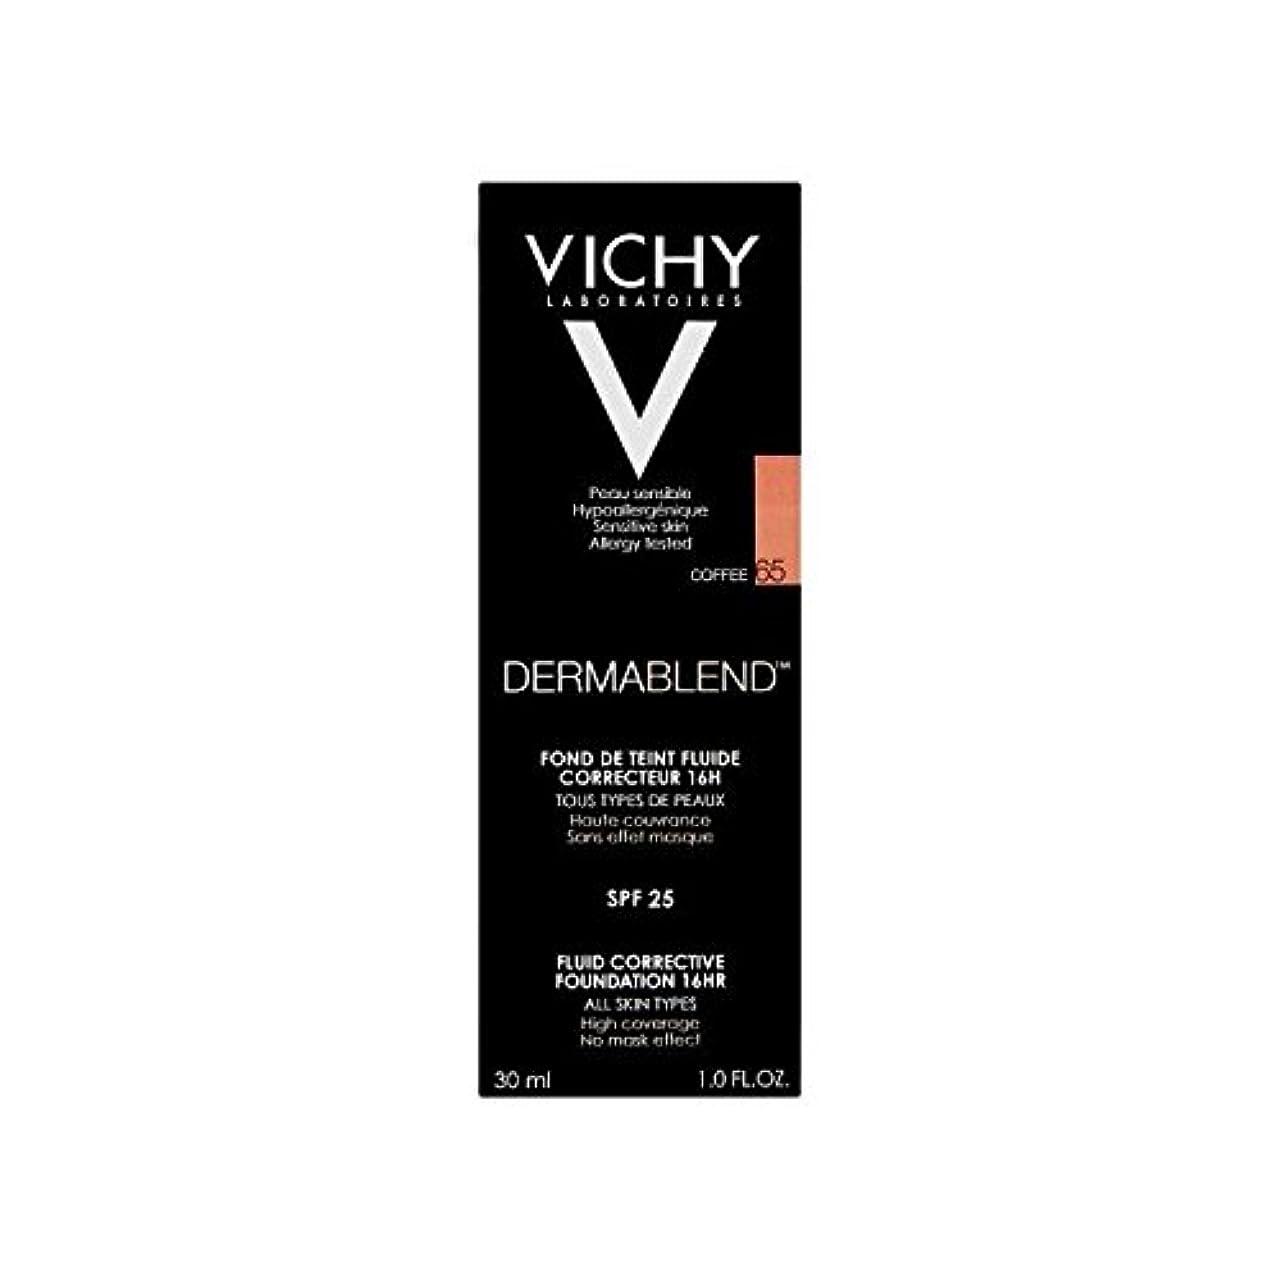 効率的これまで同情的Vichy Dermablend Corrective Fluid Foundation 30ml Coffee 65 - ヴィシー是正流体の基礎30ミリリットルのコーヒー65 [並行輸入品]